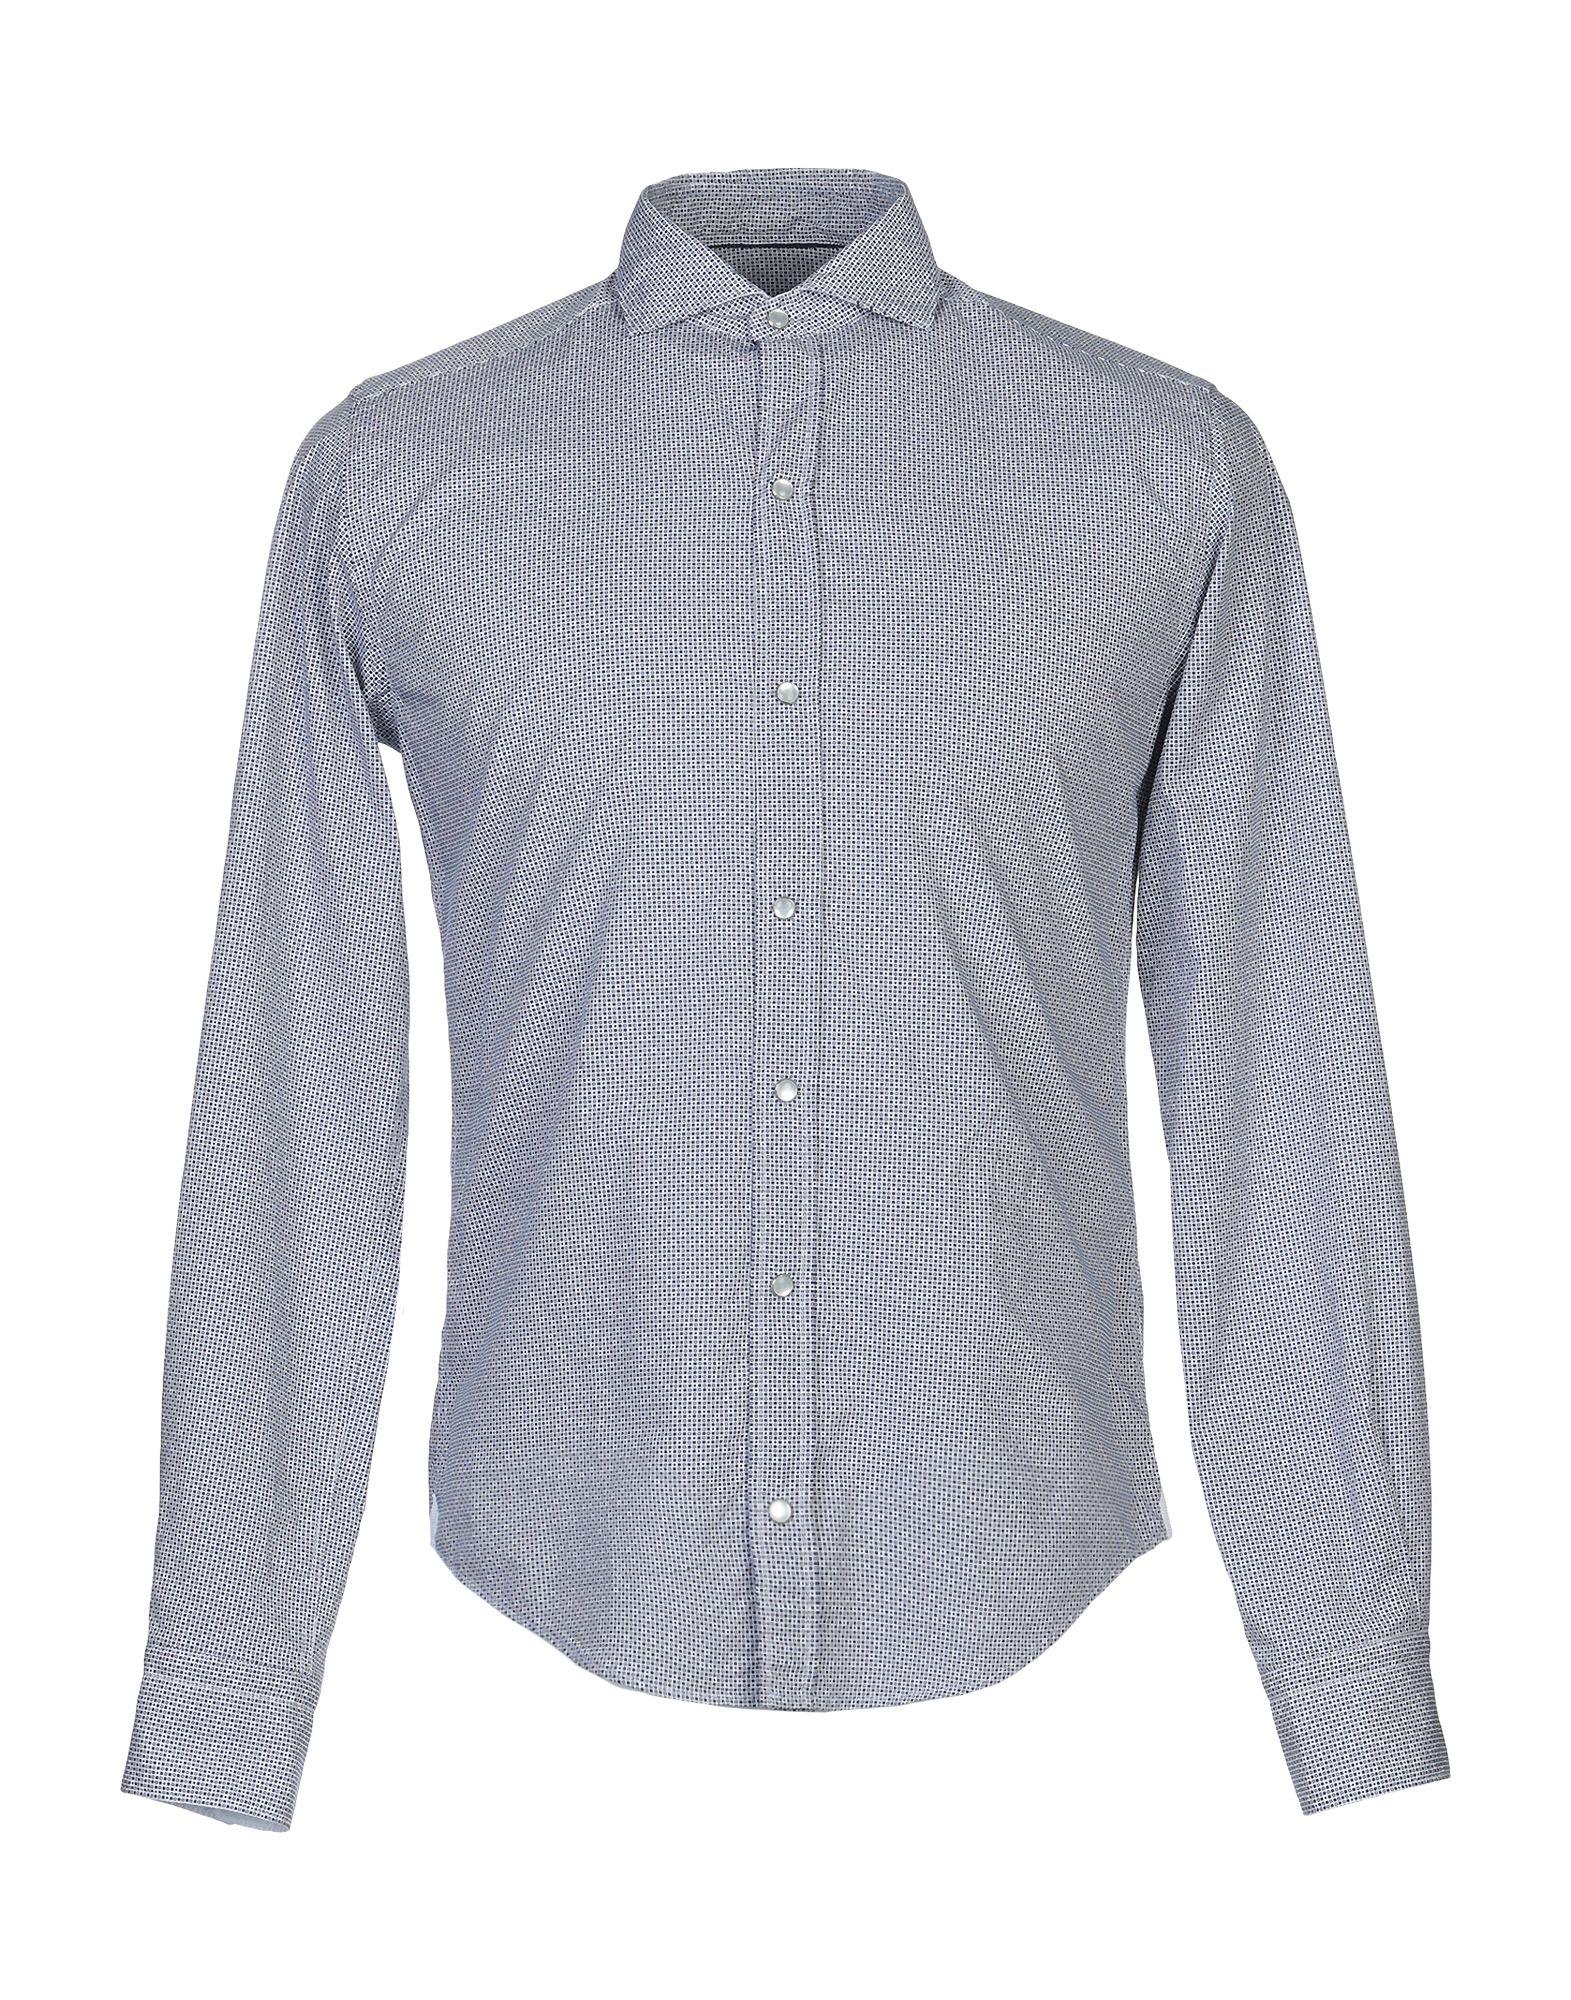 《送料無料》JACOPO C. メンズ シャツ ブルー 39 コットン 100%